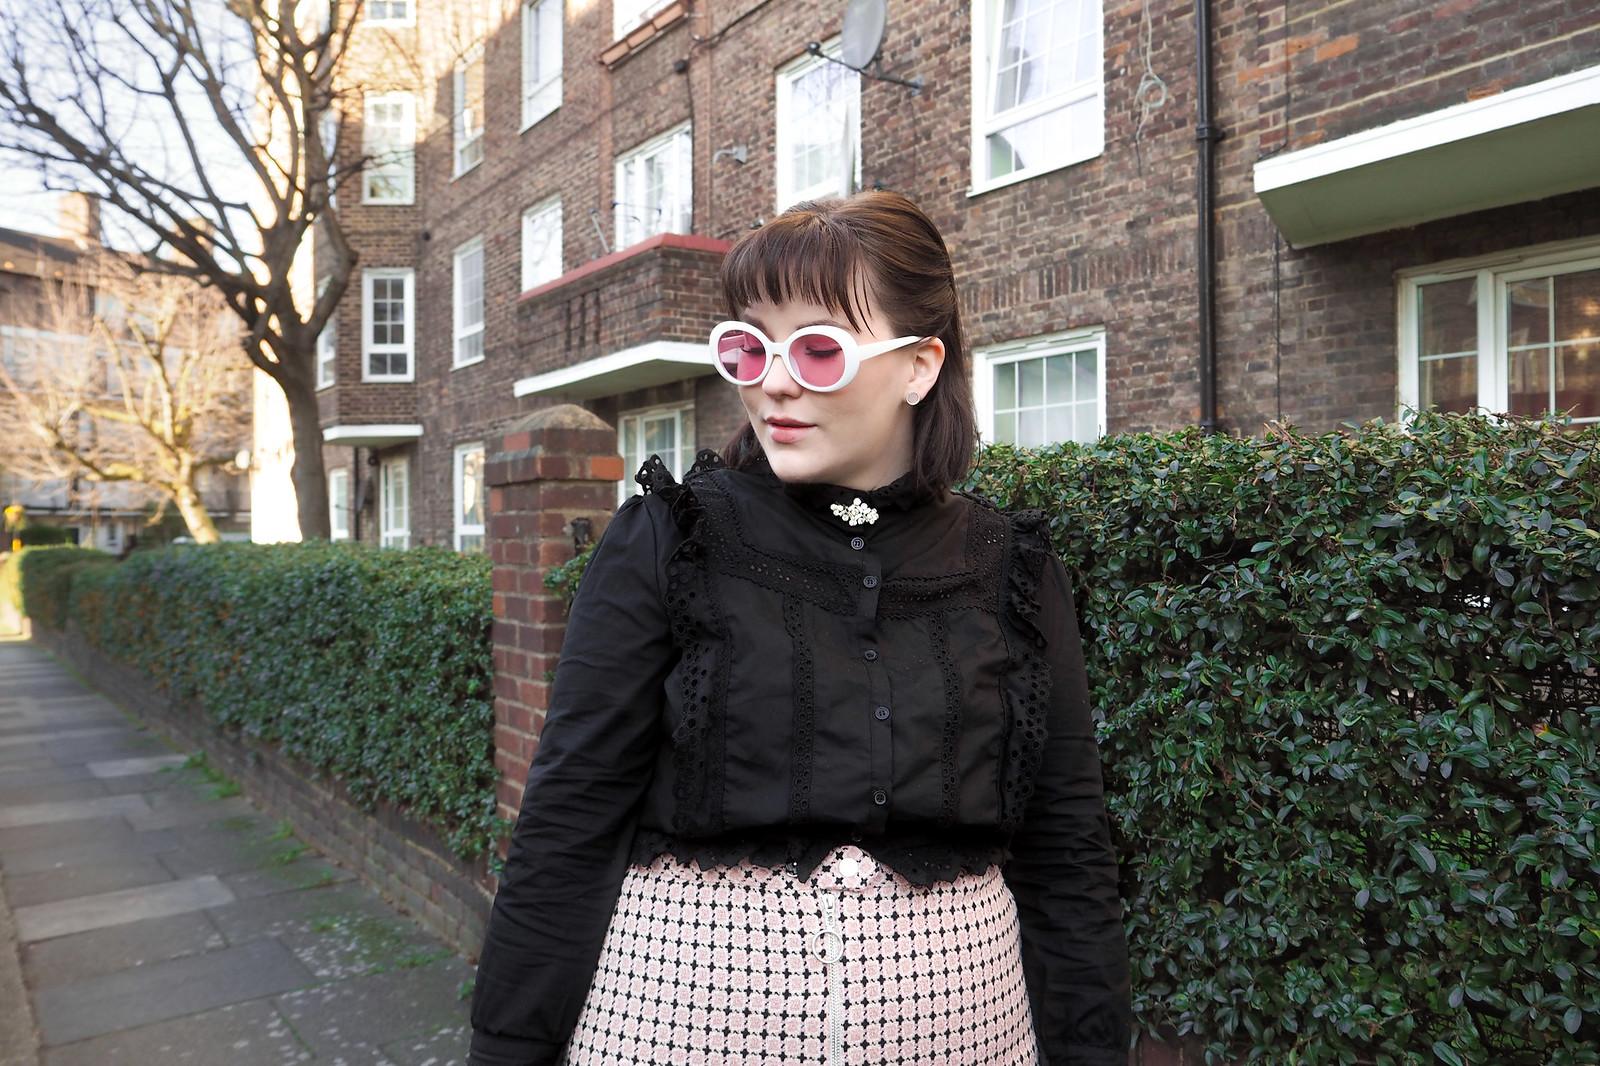 Musta pitsinen paita, vaaleanpunainen ruutuhame, 60-luvun aurinkolasit-9